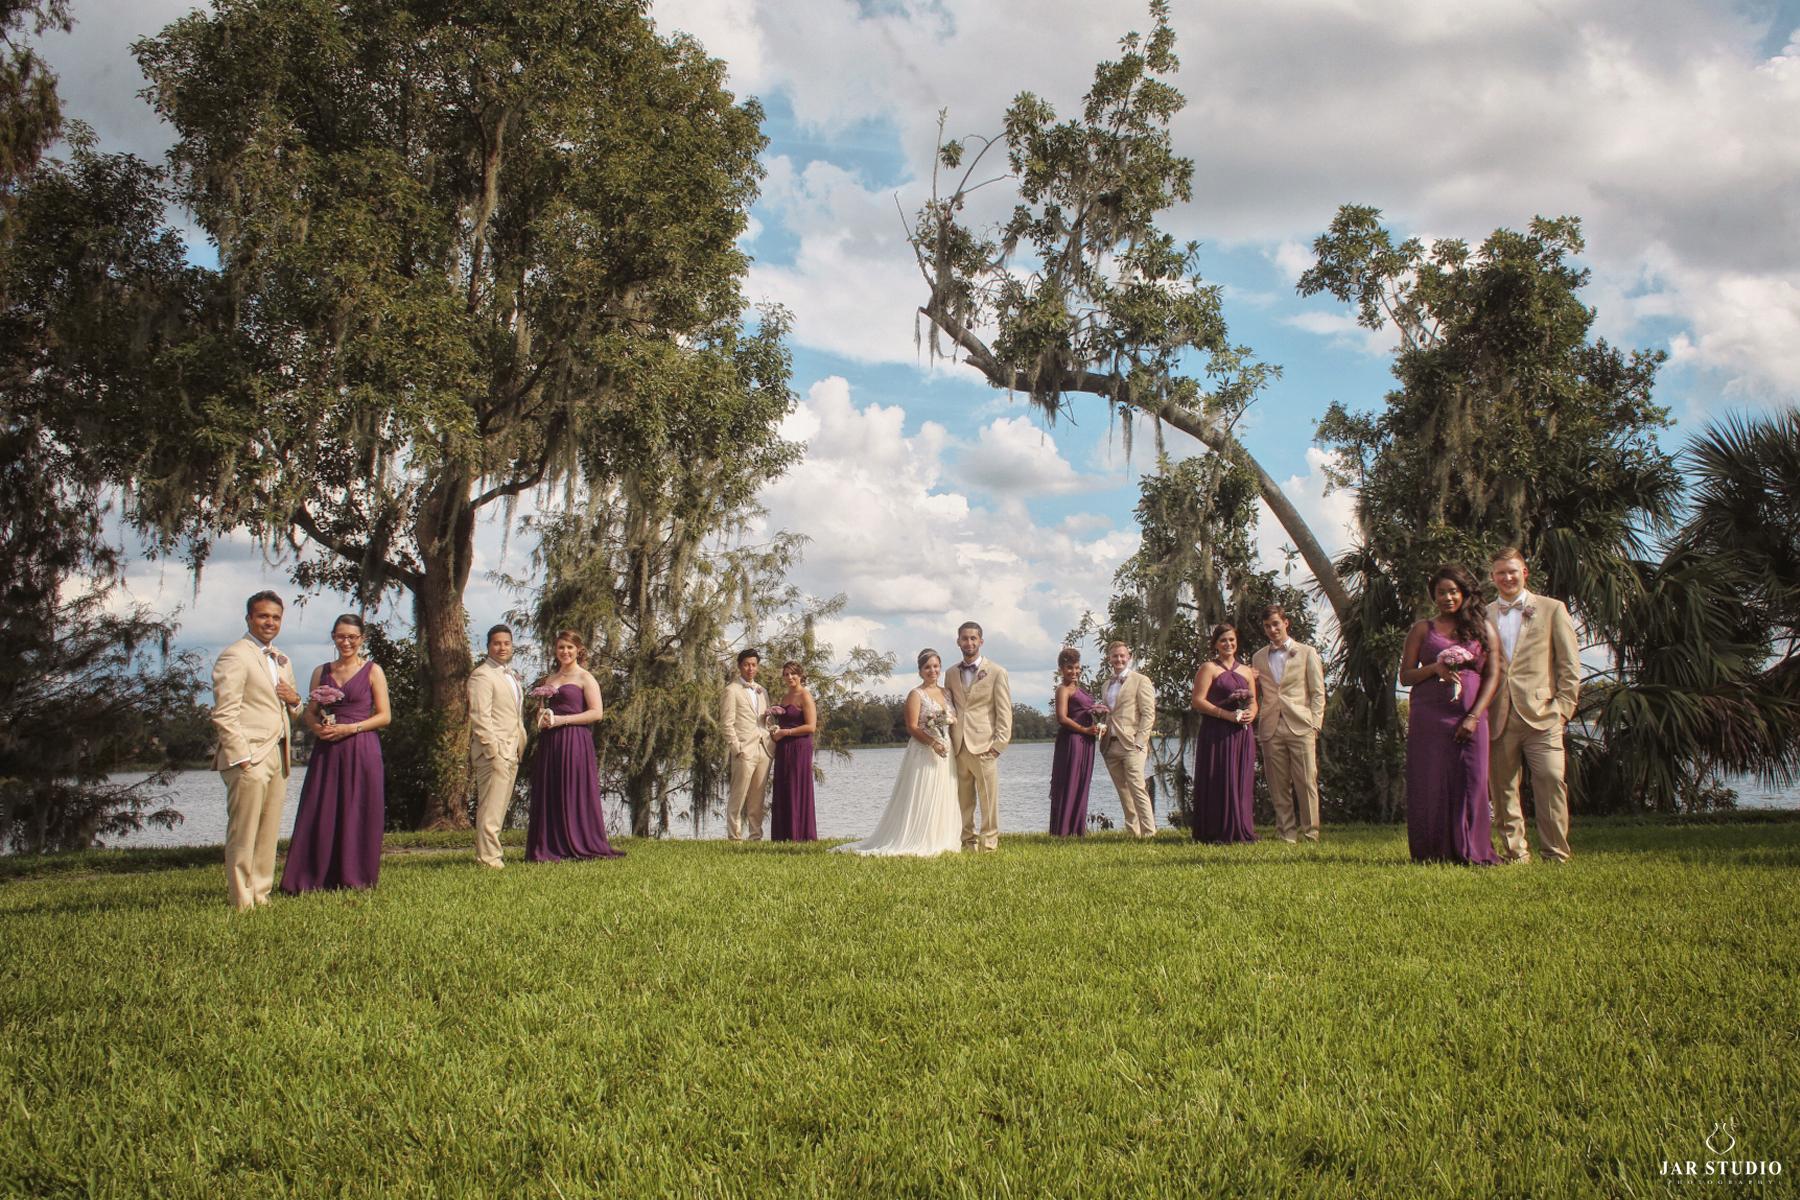 rollinswedding-photographer-jarstudio-306.JPG